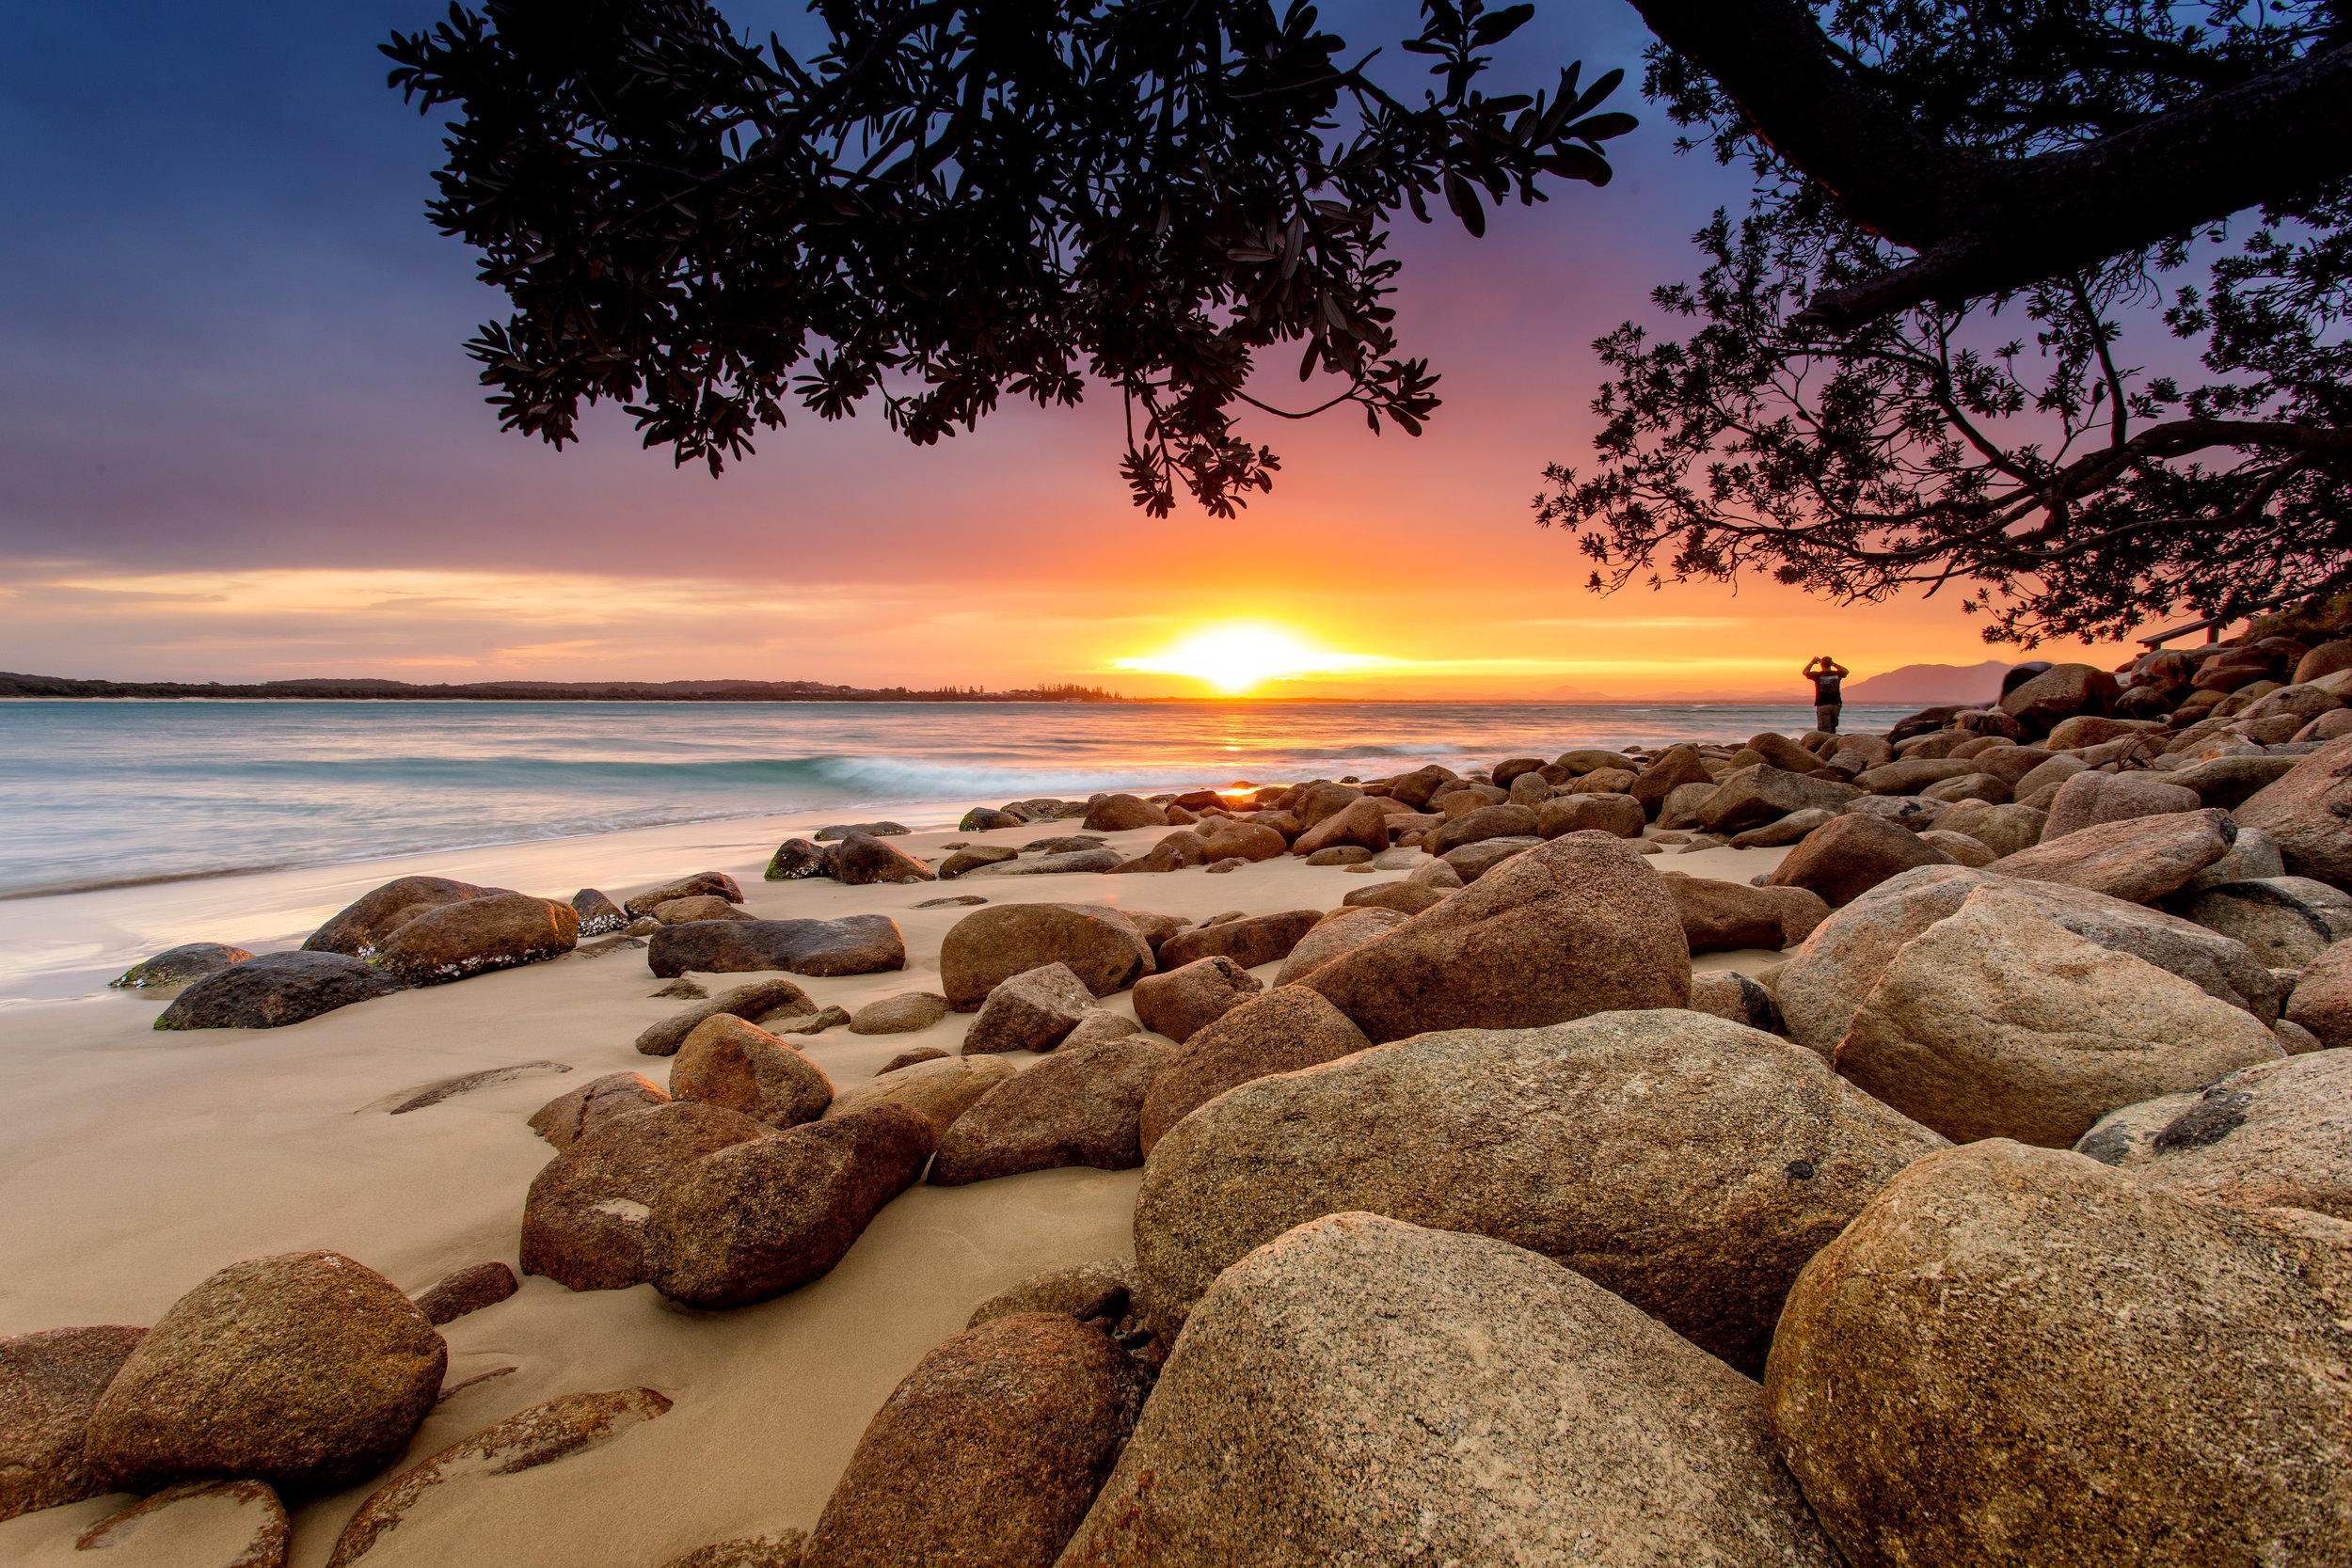 trial-bay-landscape-sunset.jpg